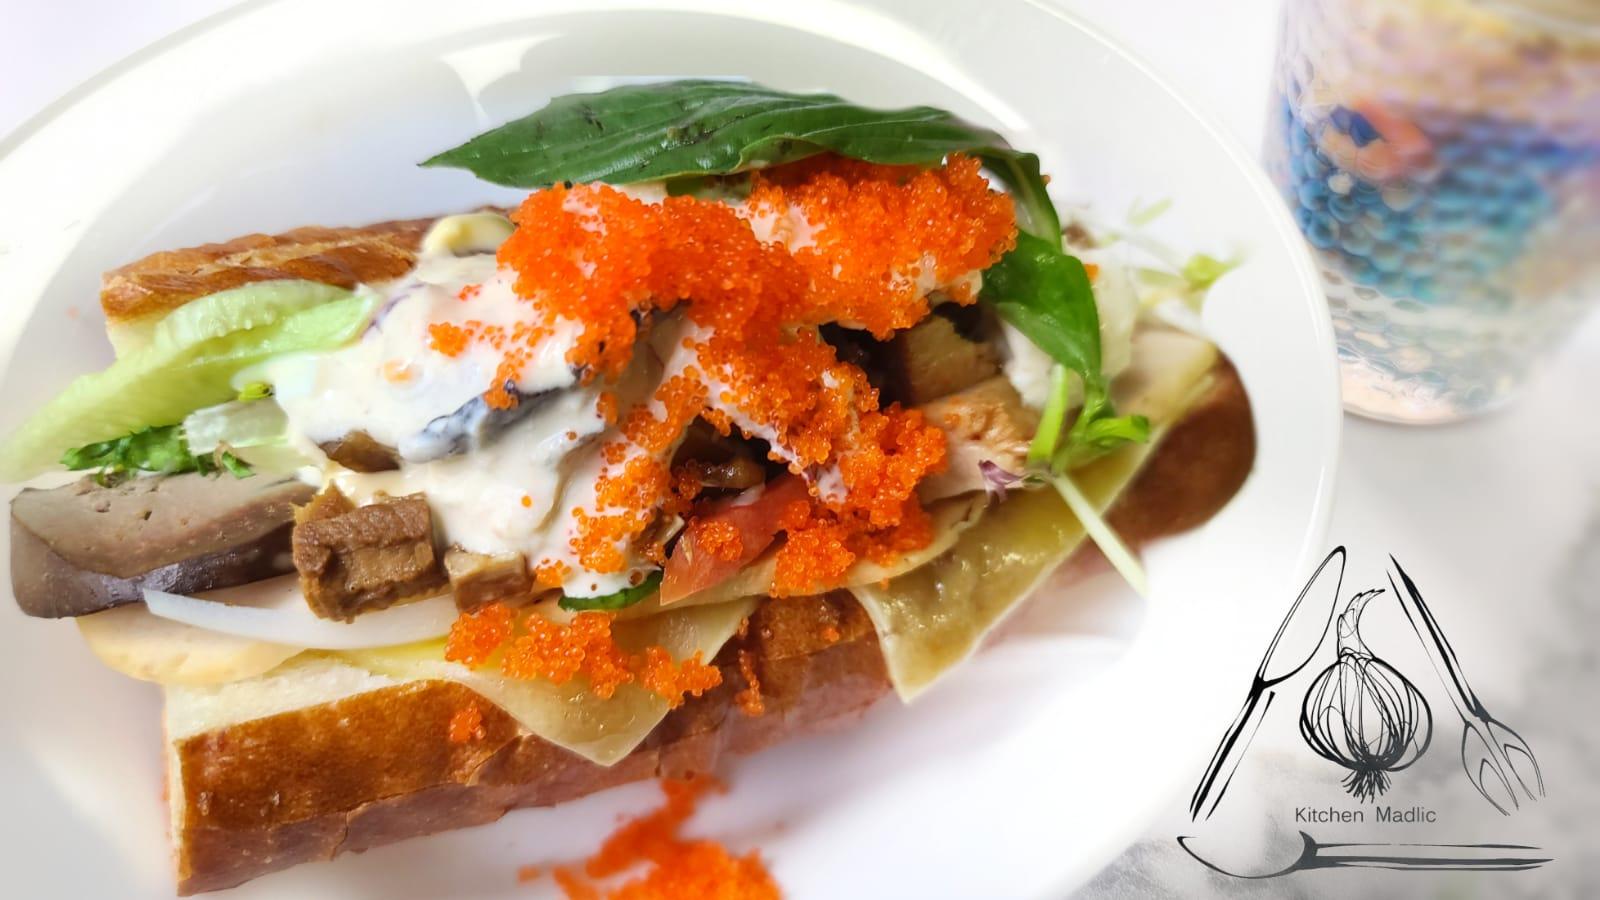 越式法包三文治配滷鴨肝豬肉碎日式鮑魚。(Kitchen Madlic提供)